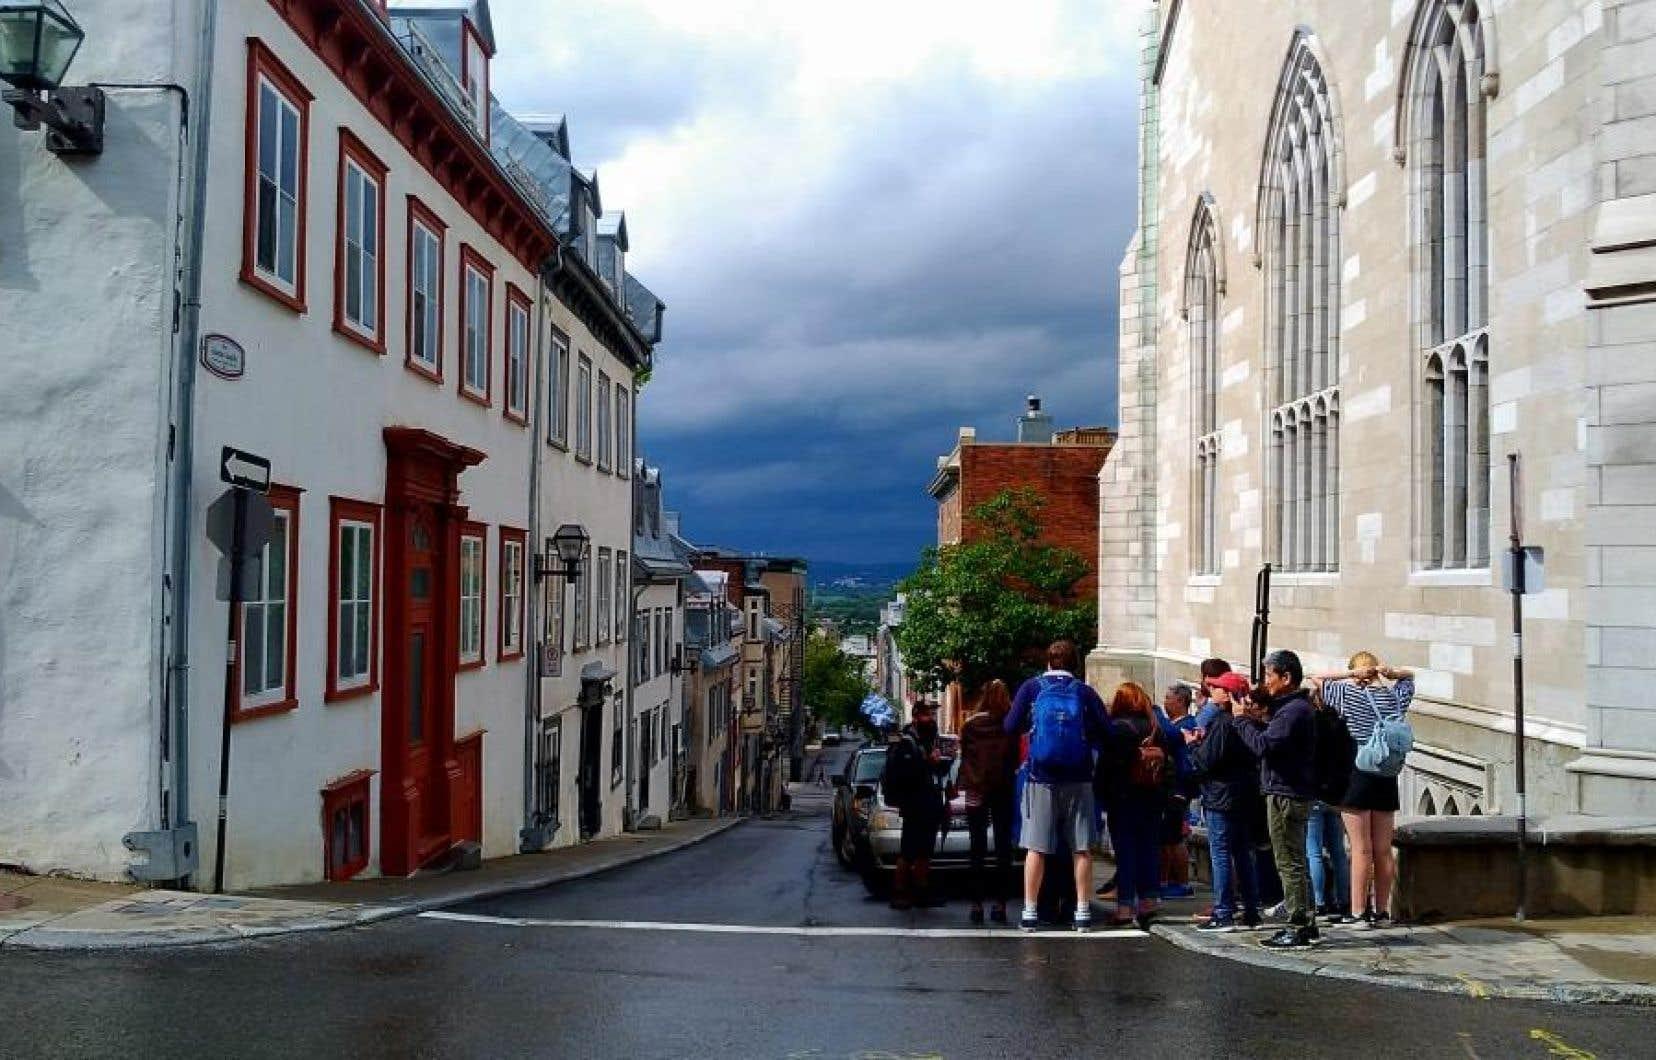 Des touristes longent la rue Dauphine et s'arrêtent au point culminant de la percée visuelle Sainte-Angèle, à Québec.